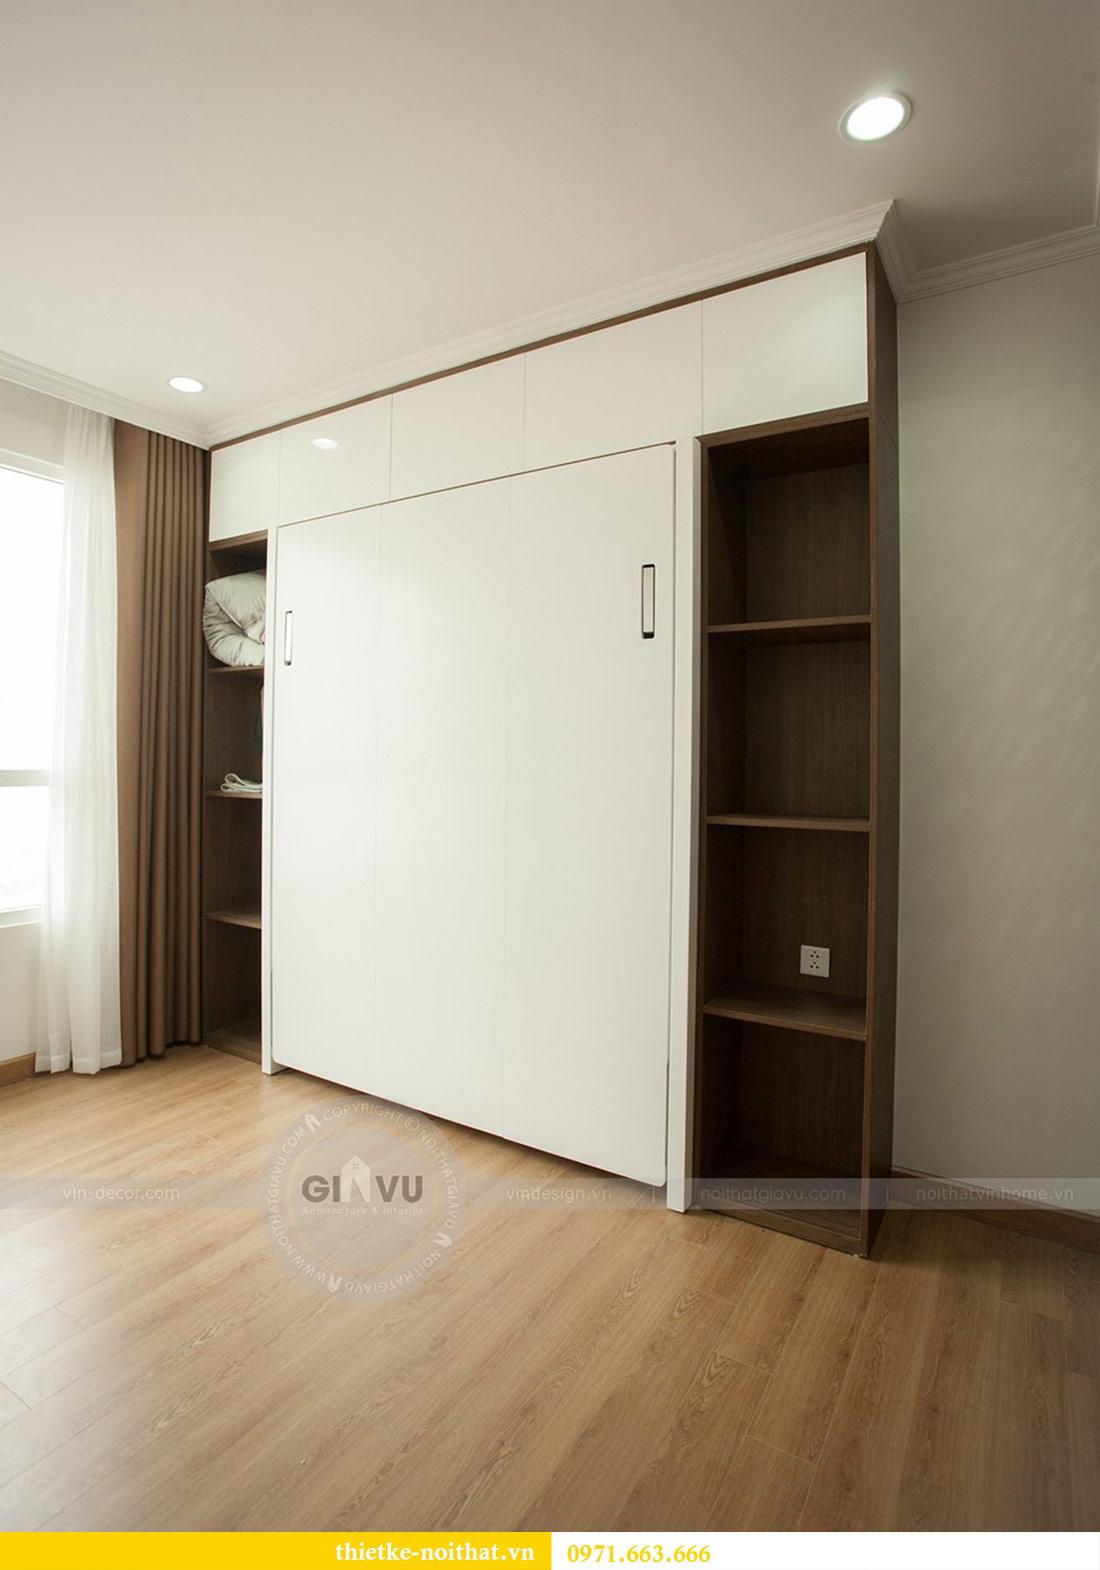 Thi công nội thất chung cư Seasons Avenue tòa S3 căn 01 - anh Bách 11